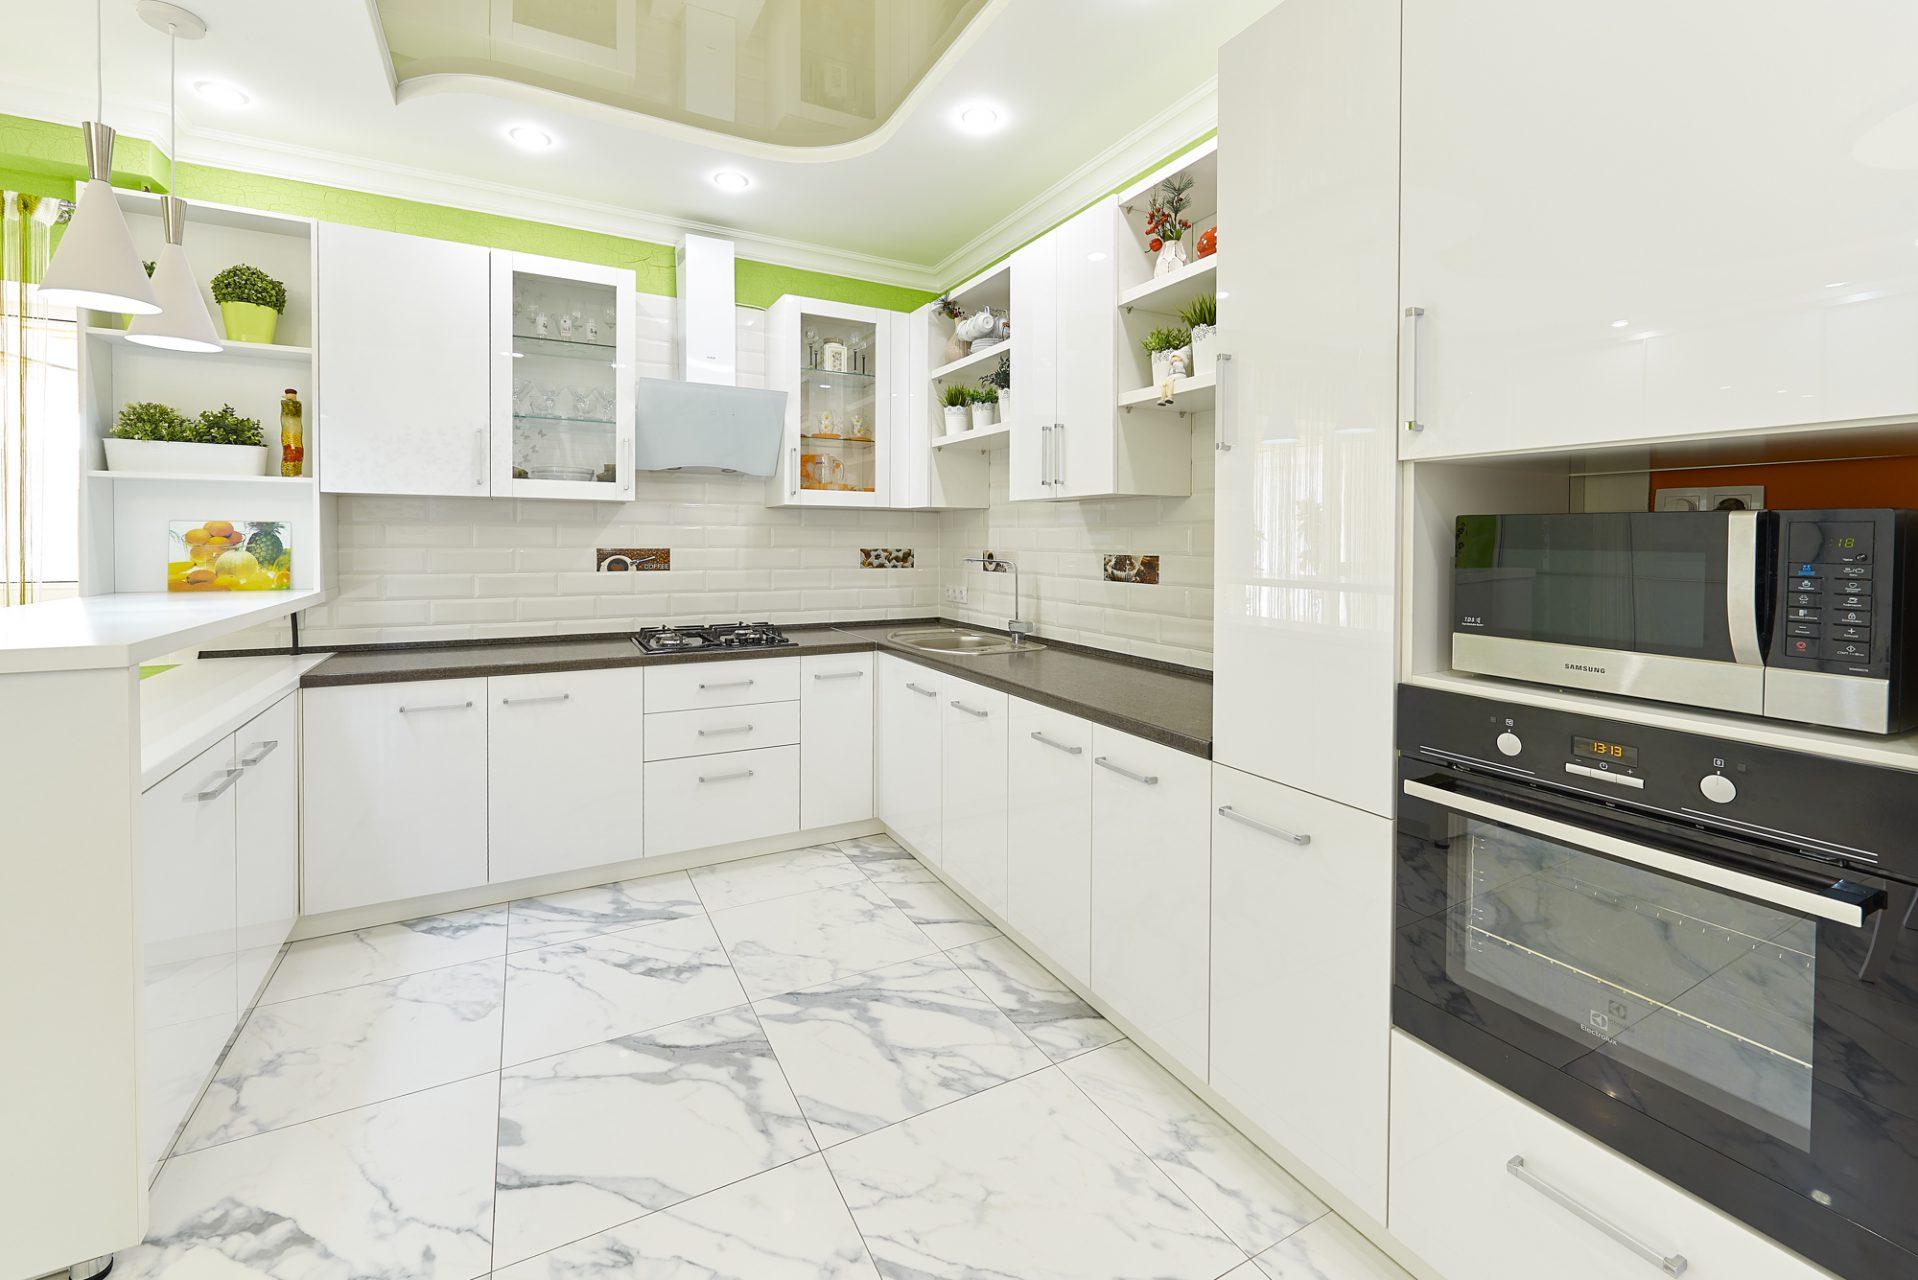 003_interior_kitchen1_korneychikeu